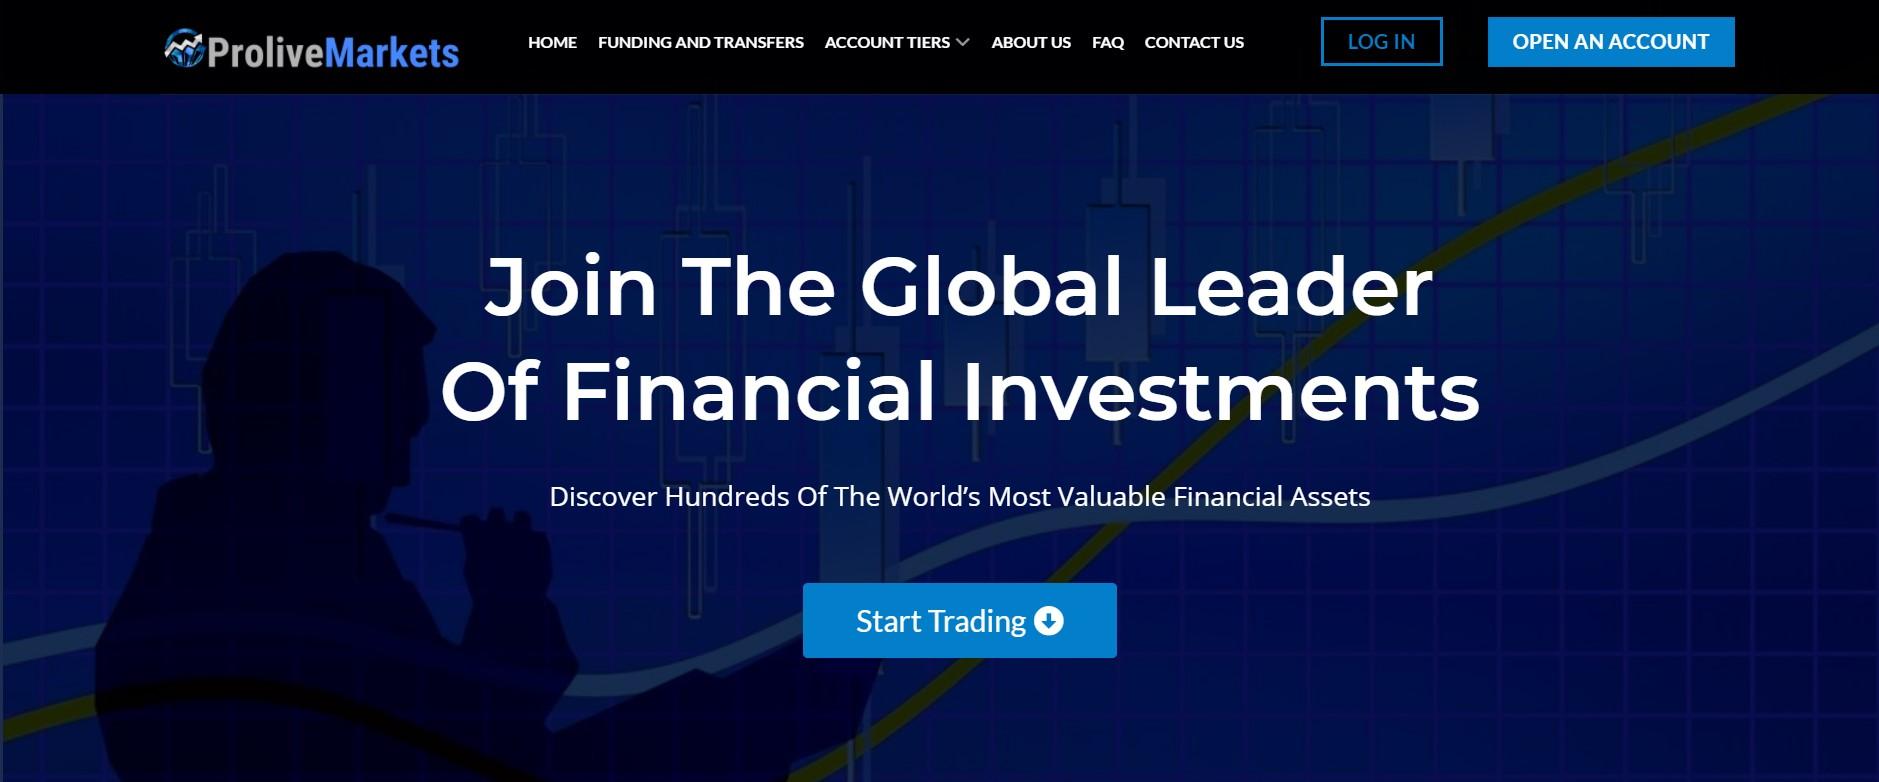 Prolive Markets website